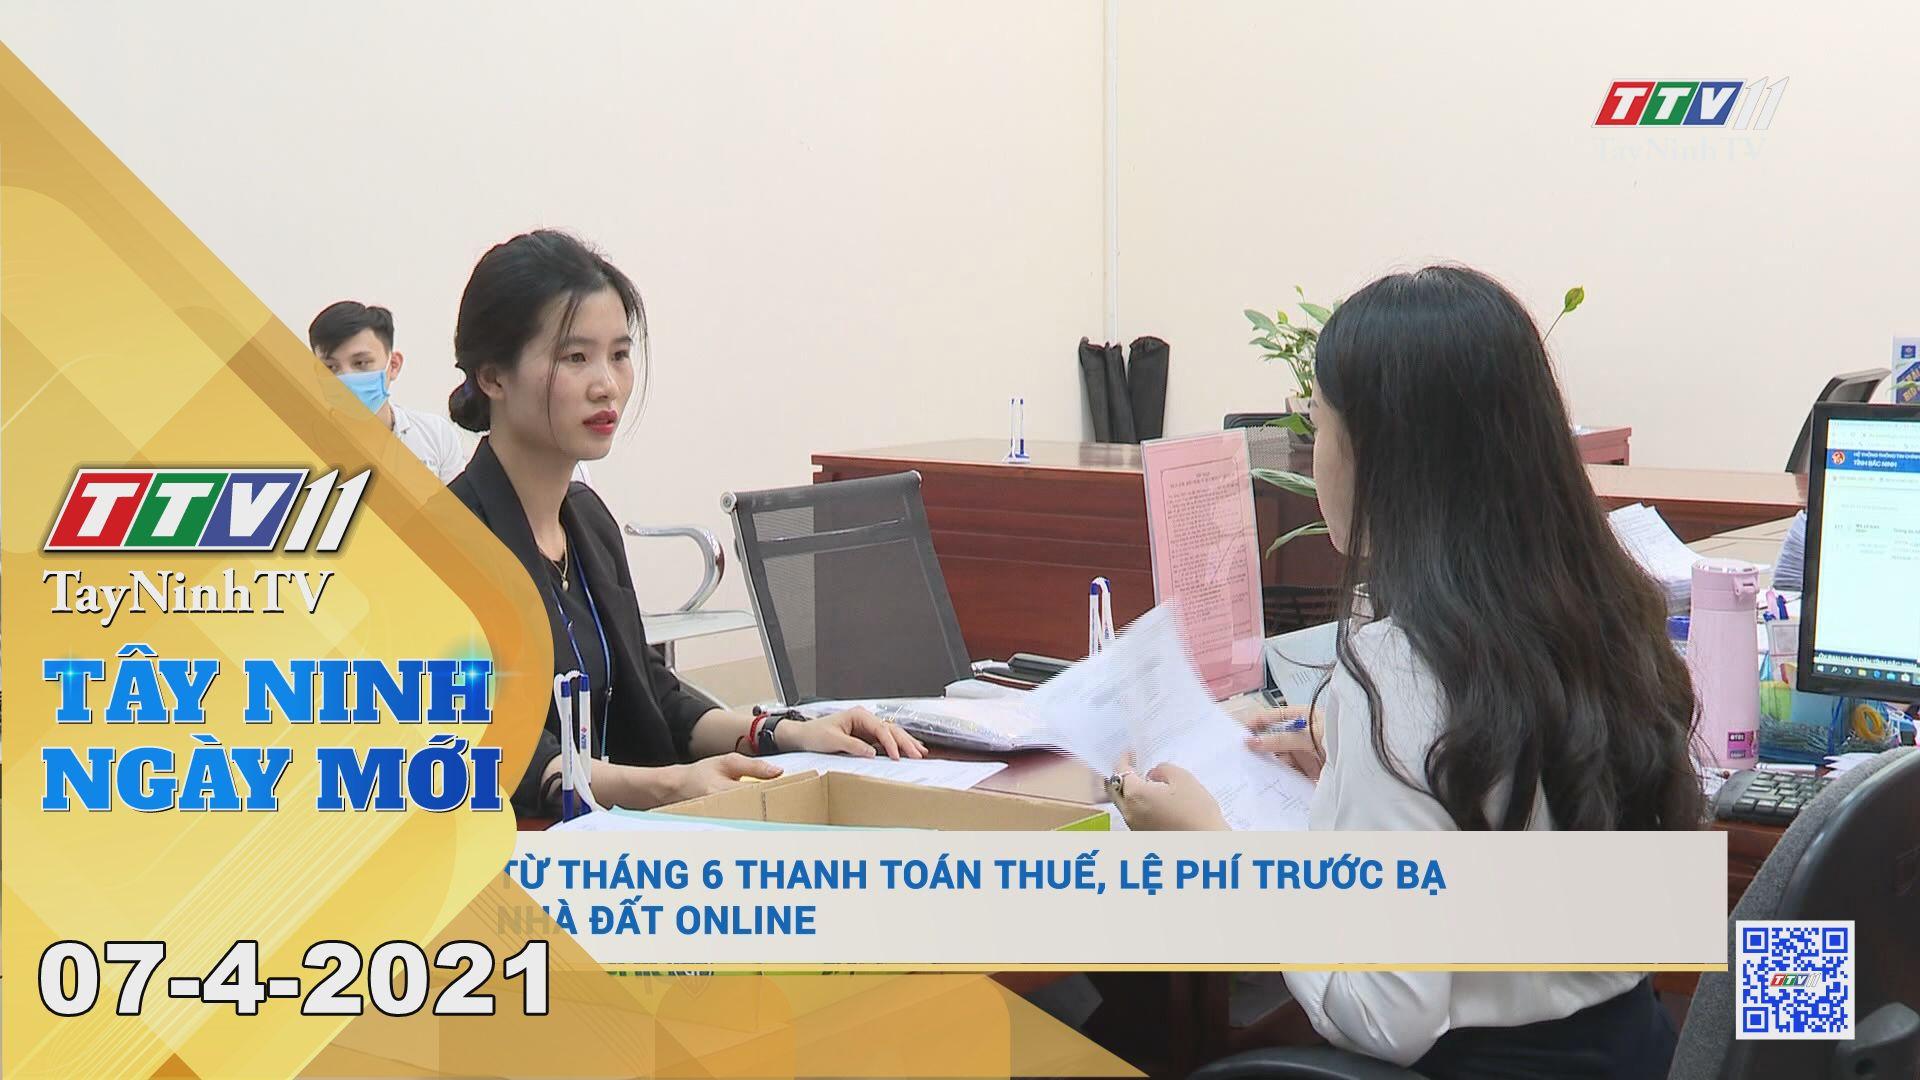 Tây Ninh Ngày Mới 07-4-2021 | Tin tức hôm nay | TayNinhTV